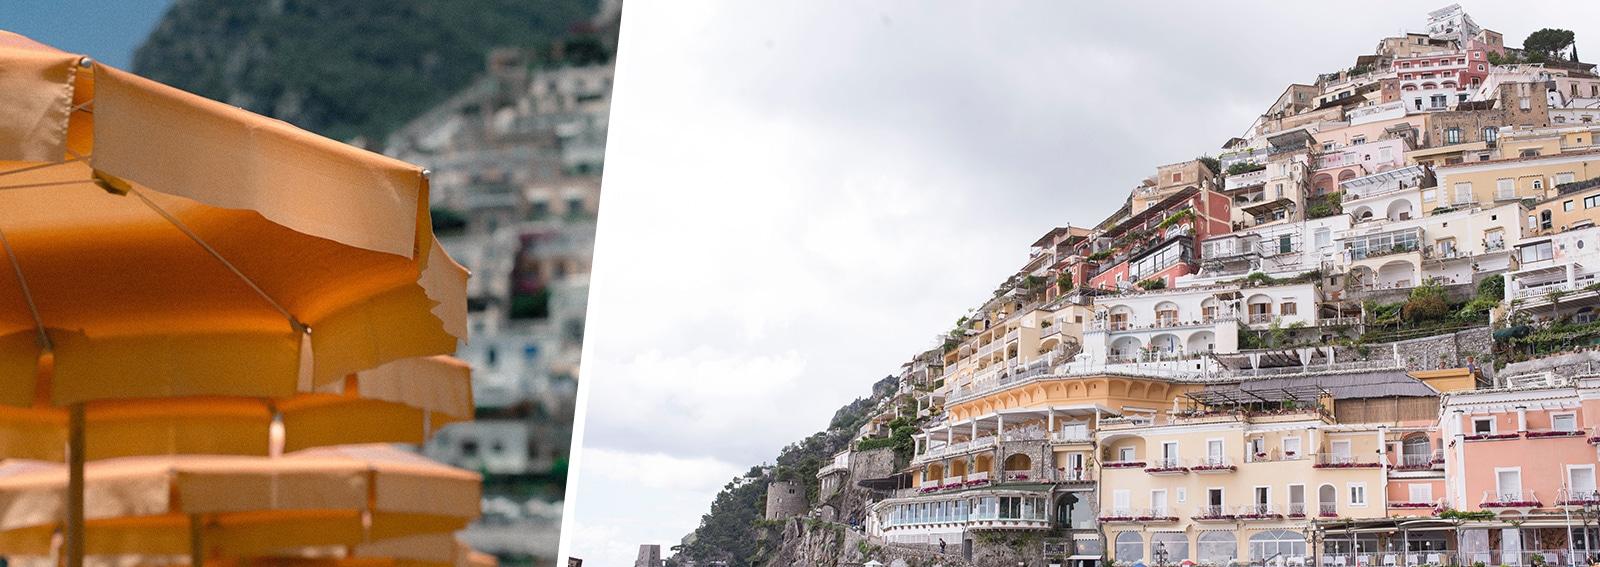 DESKTOP_tutte-le-fragranze-per-profumare-la-vostra-estate-italiana